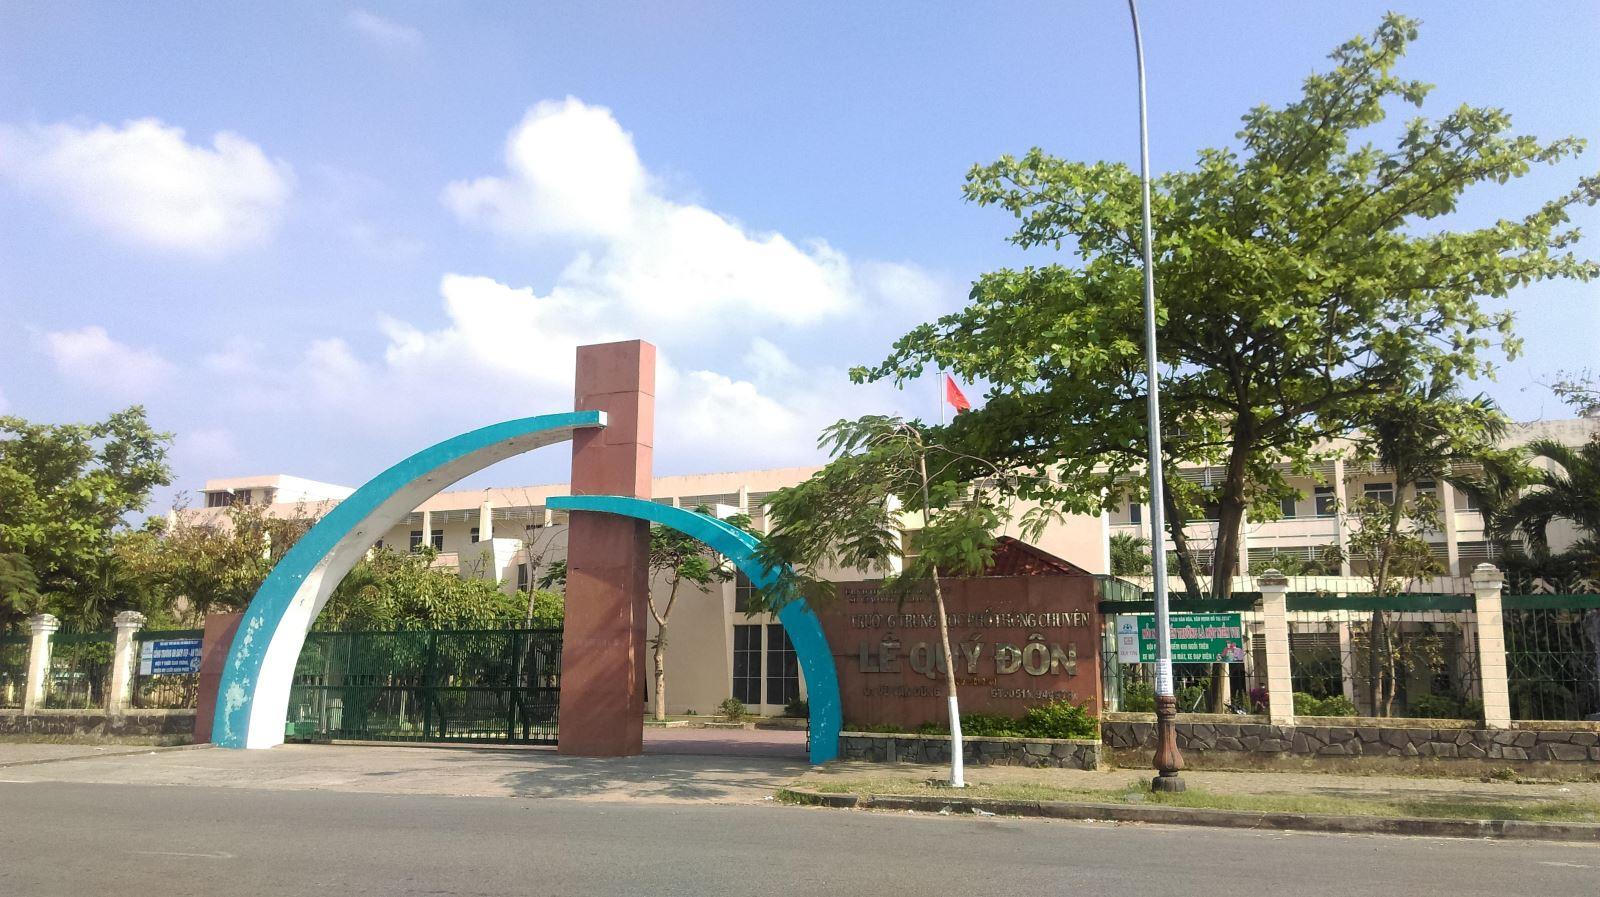 Lắp đặt hệ thống cổng Tripod cho trường THPT Lê Quý Đôn Đà Nẵng